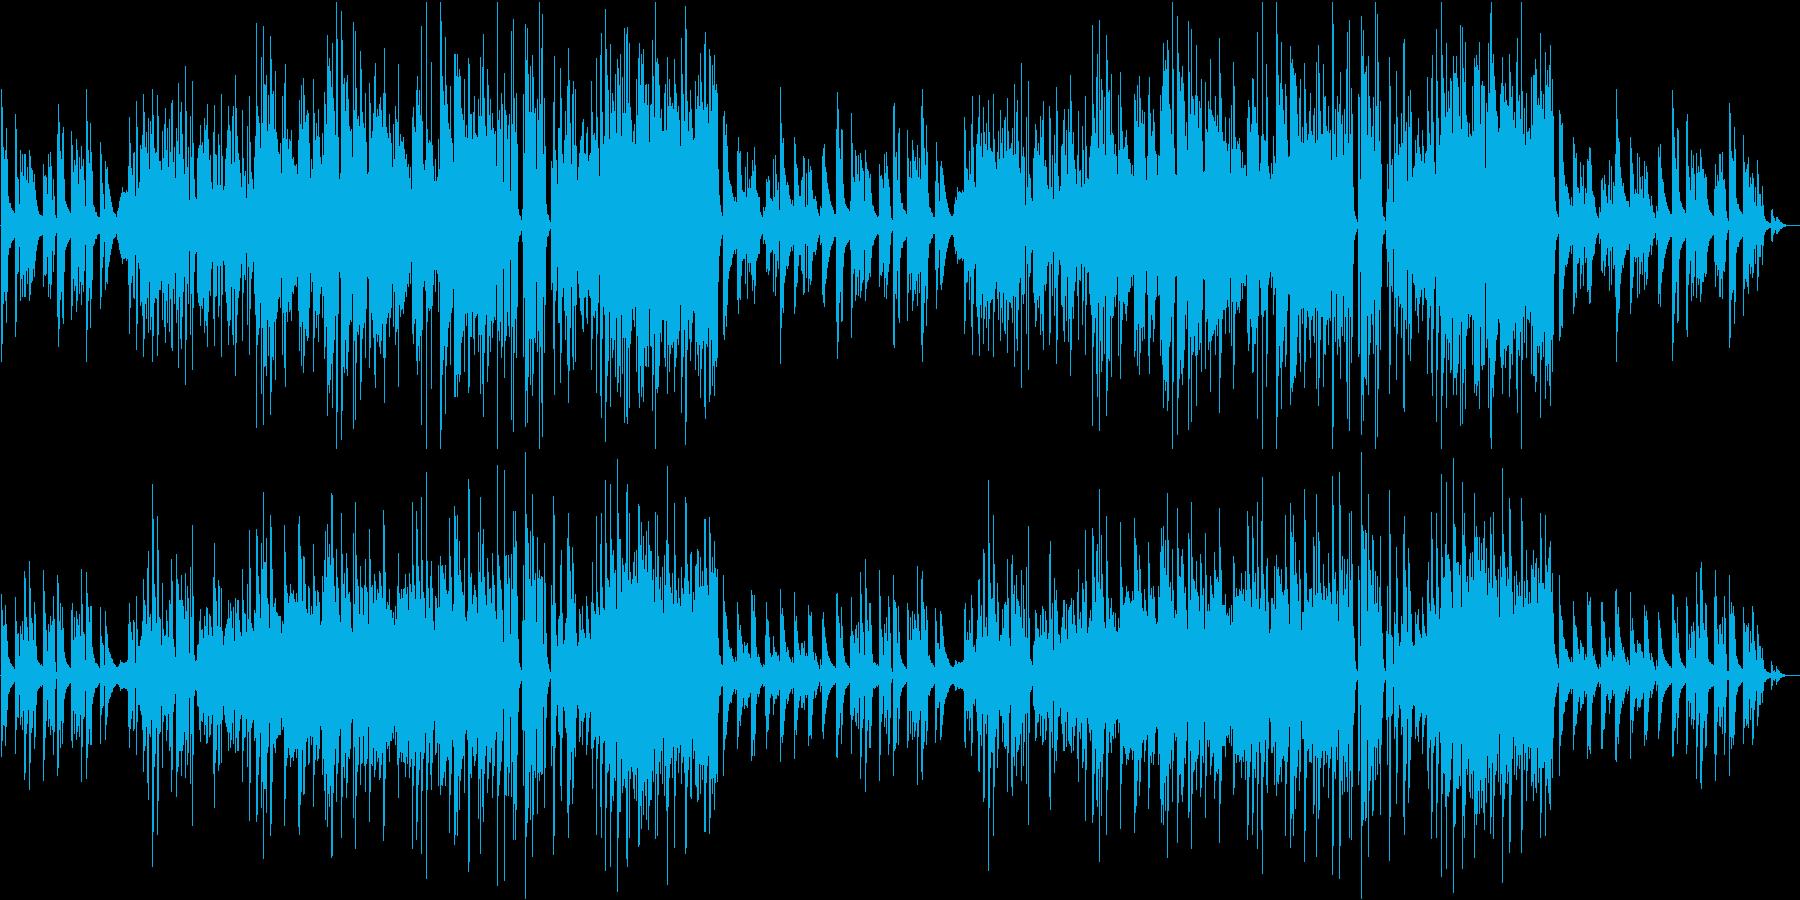 朝イメージの爽やかなピアノ&ストリングスの再生済みの波形